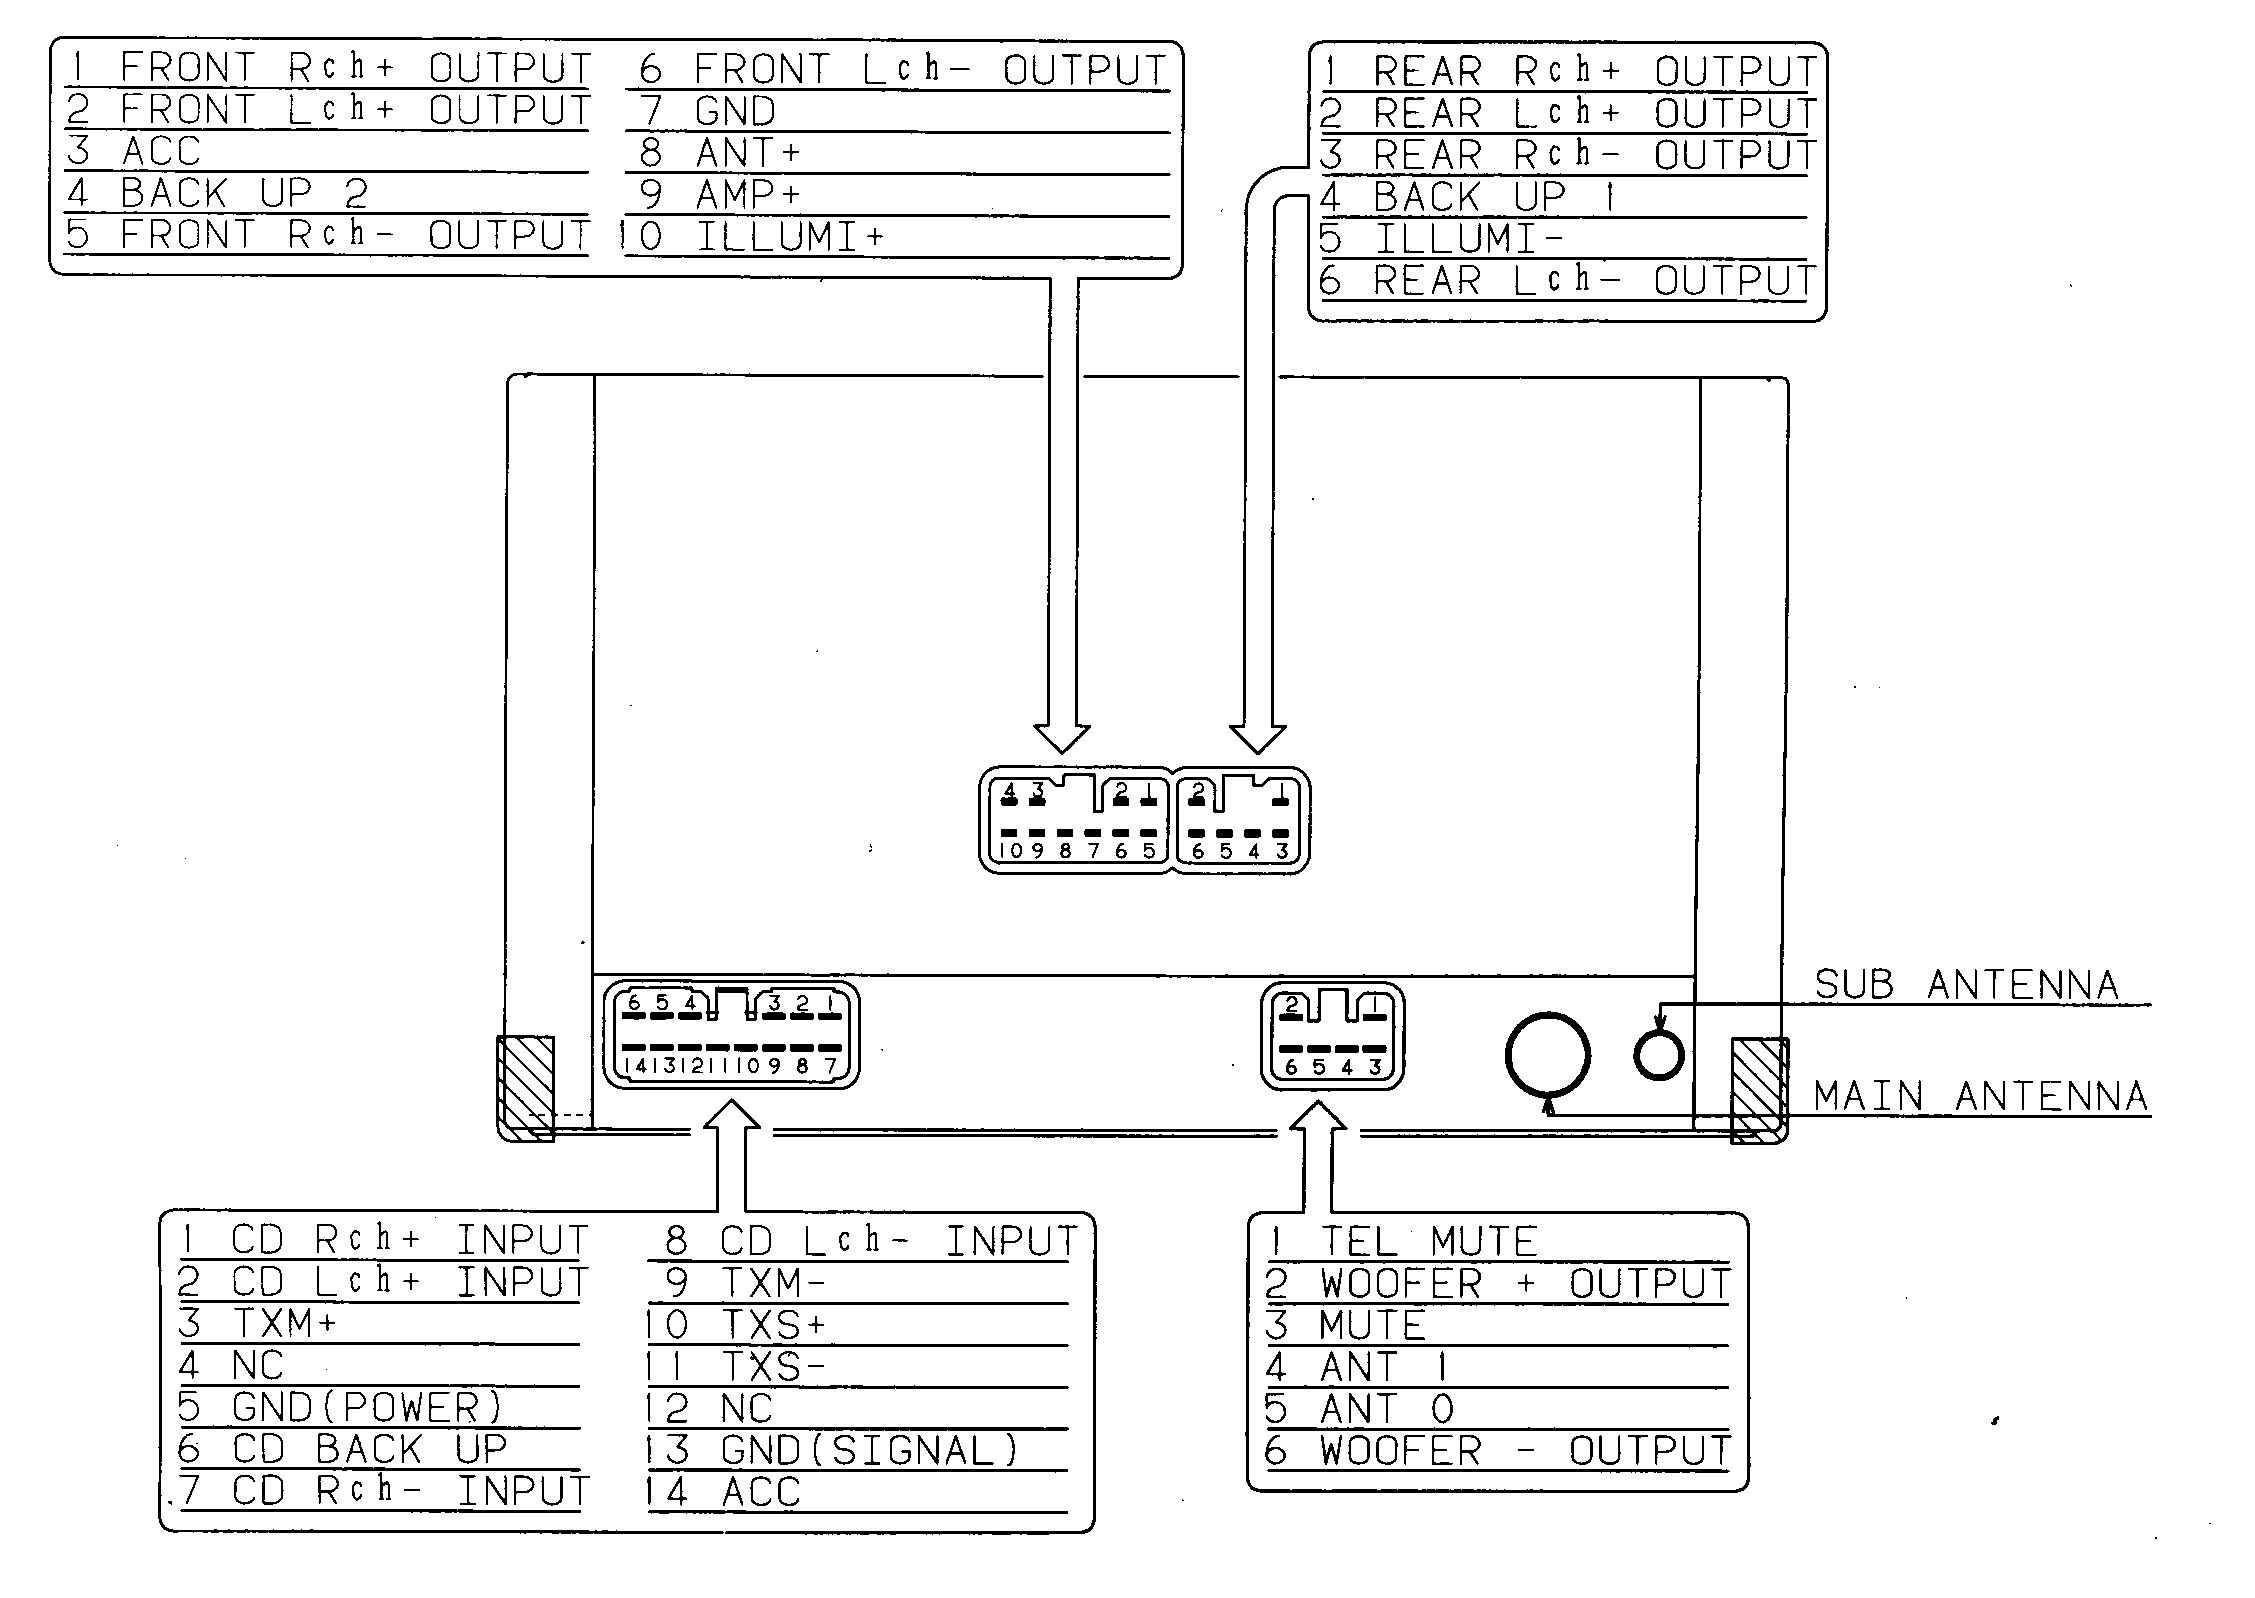 Pioneer Deh 150mp Wiring Diagram Luxury Wiring Diagram for A Pioneer Deh 150mp Amazon 1600 Pioneer